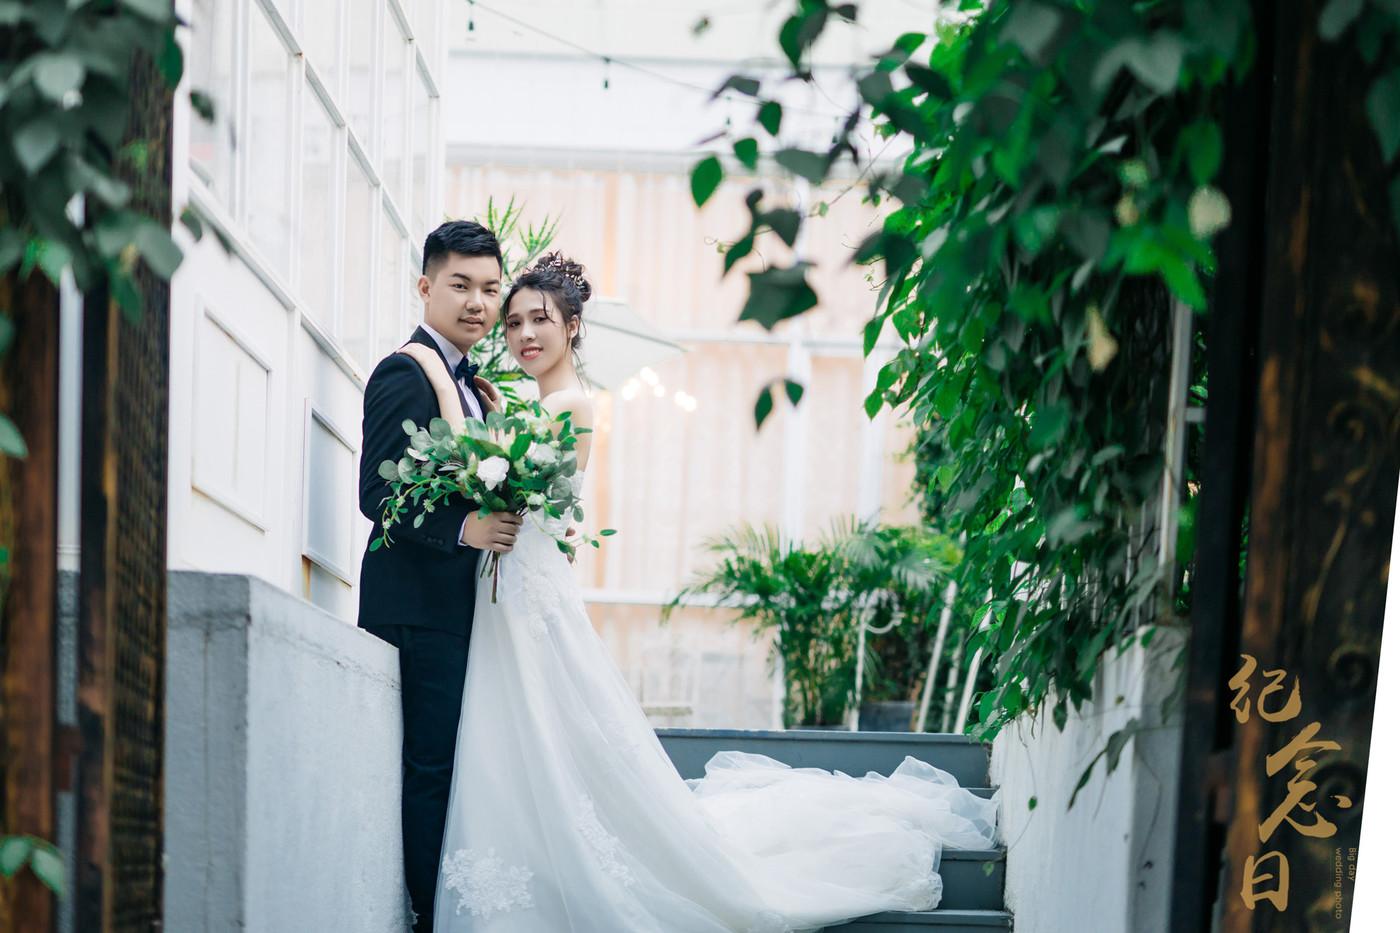 婚纱 | 嘉颖&靖怡36